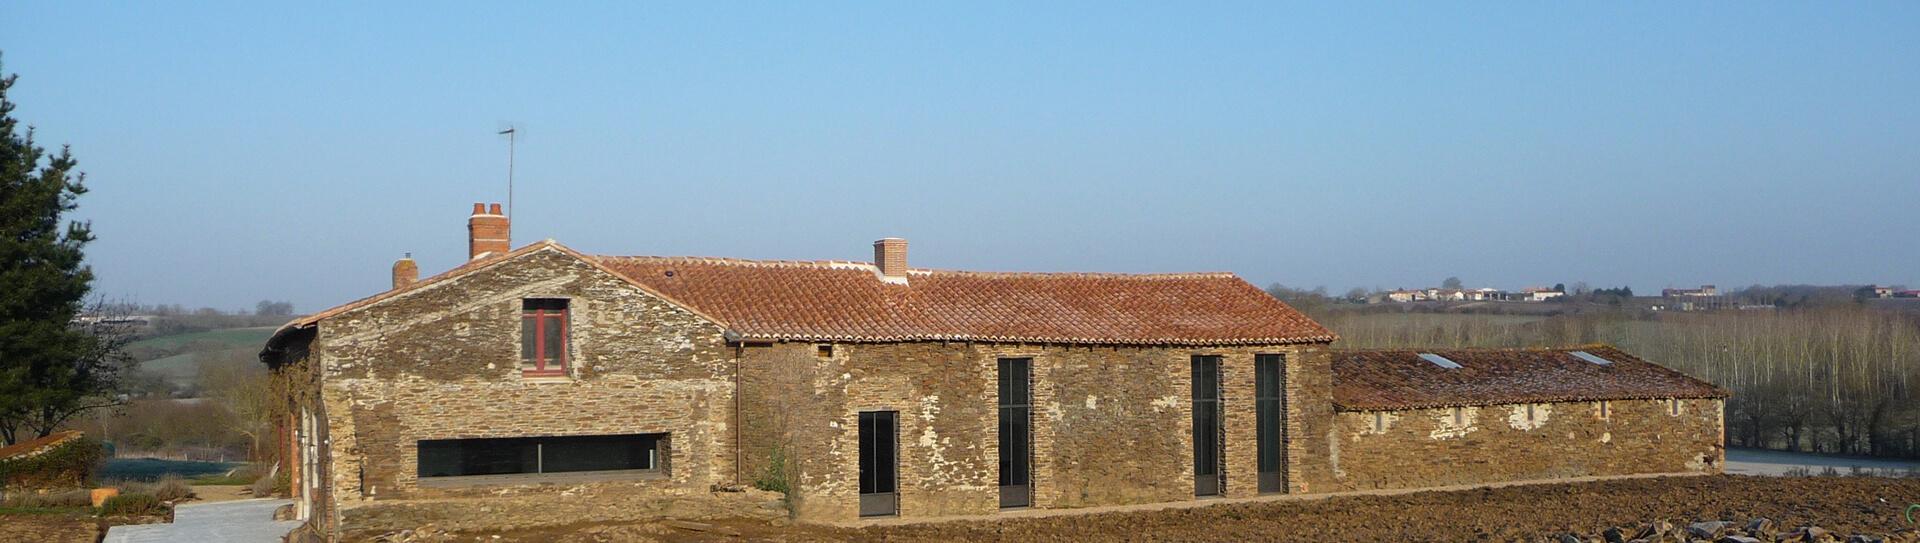 maison-pierre-architecte